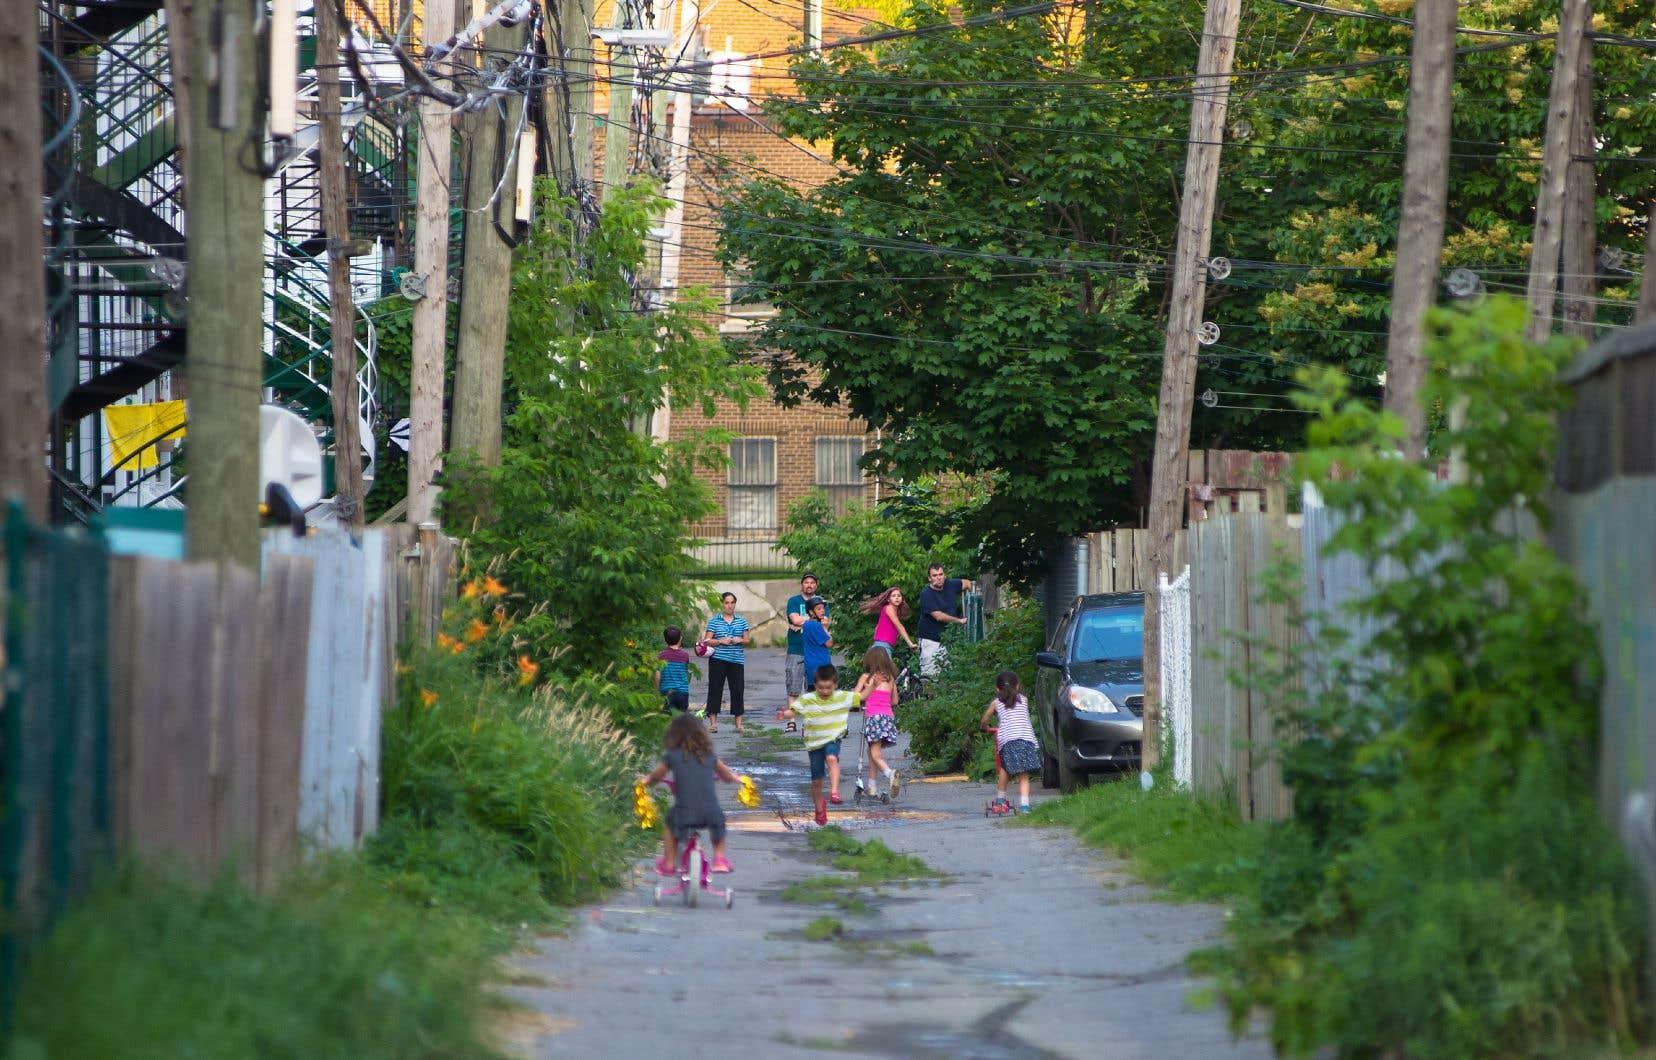 La nécessaire adaptation de nos collectivités aux changements climatiques passe par plus de vert dans nos villes, souligne l'auteur.